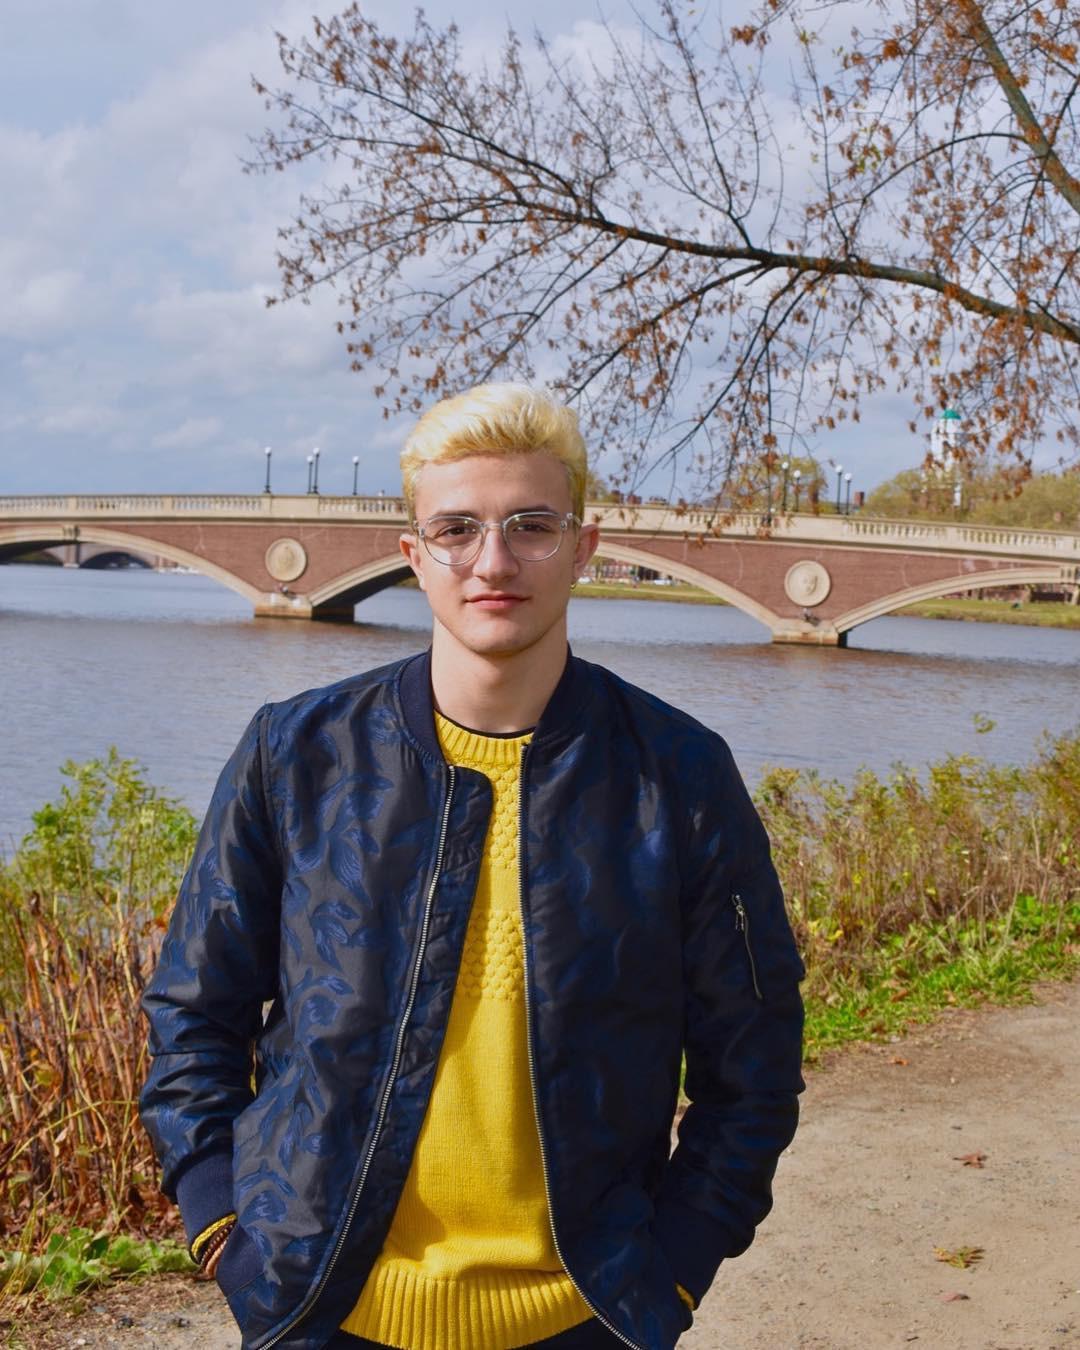 Nam sinh viên gây sốt MXH vì sở hữu combo đáng ghen tỵ: Đẹp trai, tốt nghiệp Harvard, bố là giáo sư - Ảnh 1.